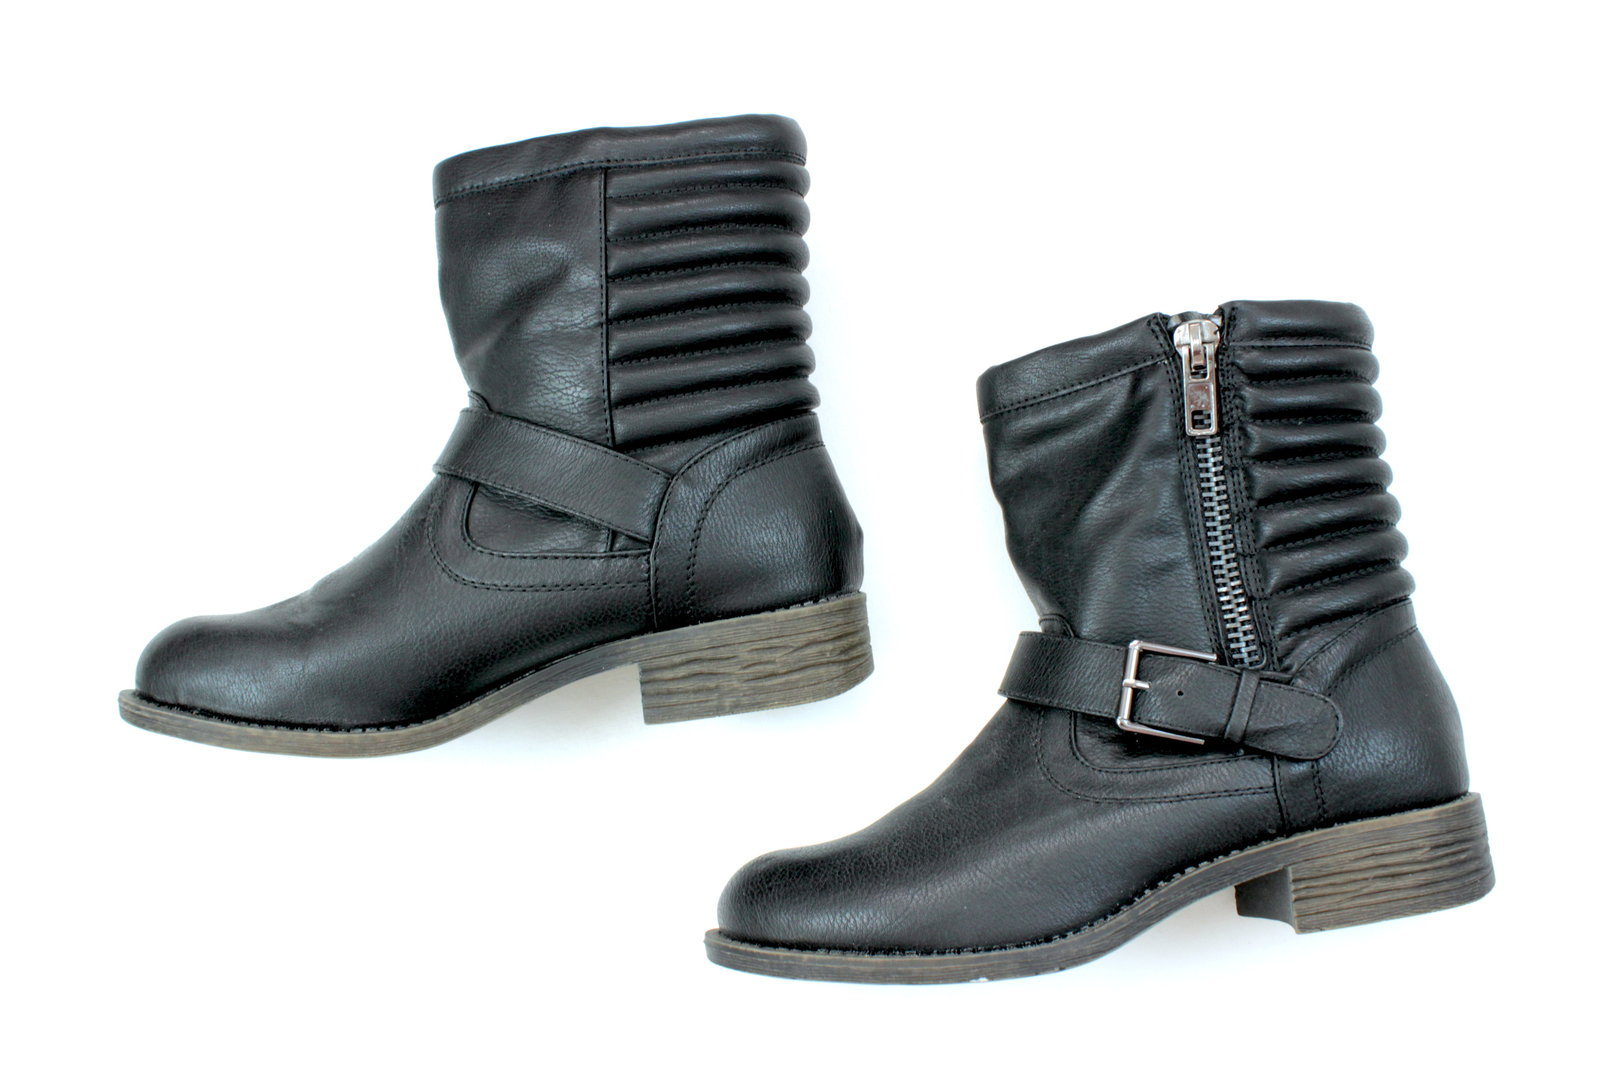 YOUNG SPIRIT Boots Stiefeletten Damen schwarz 40